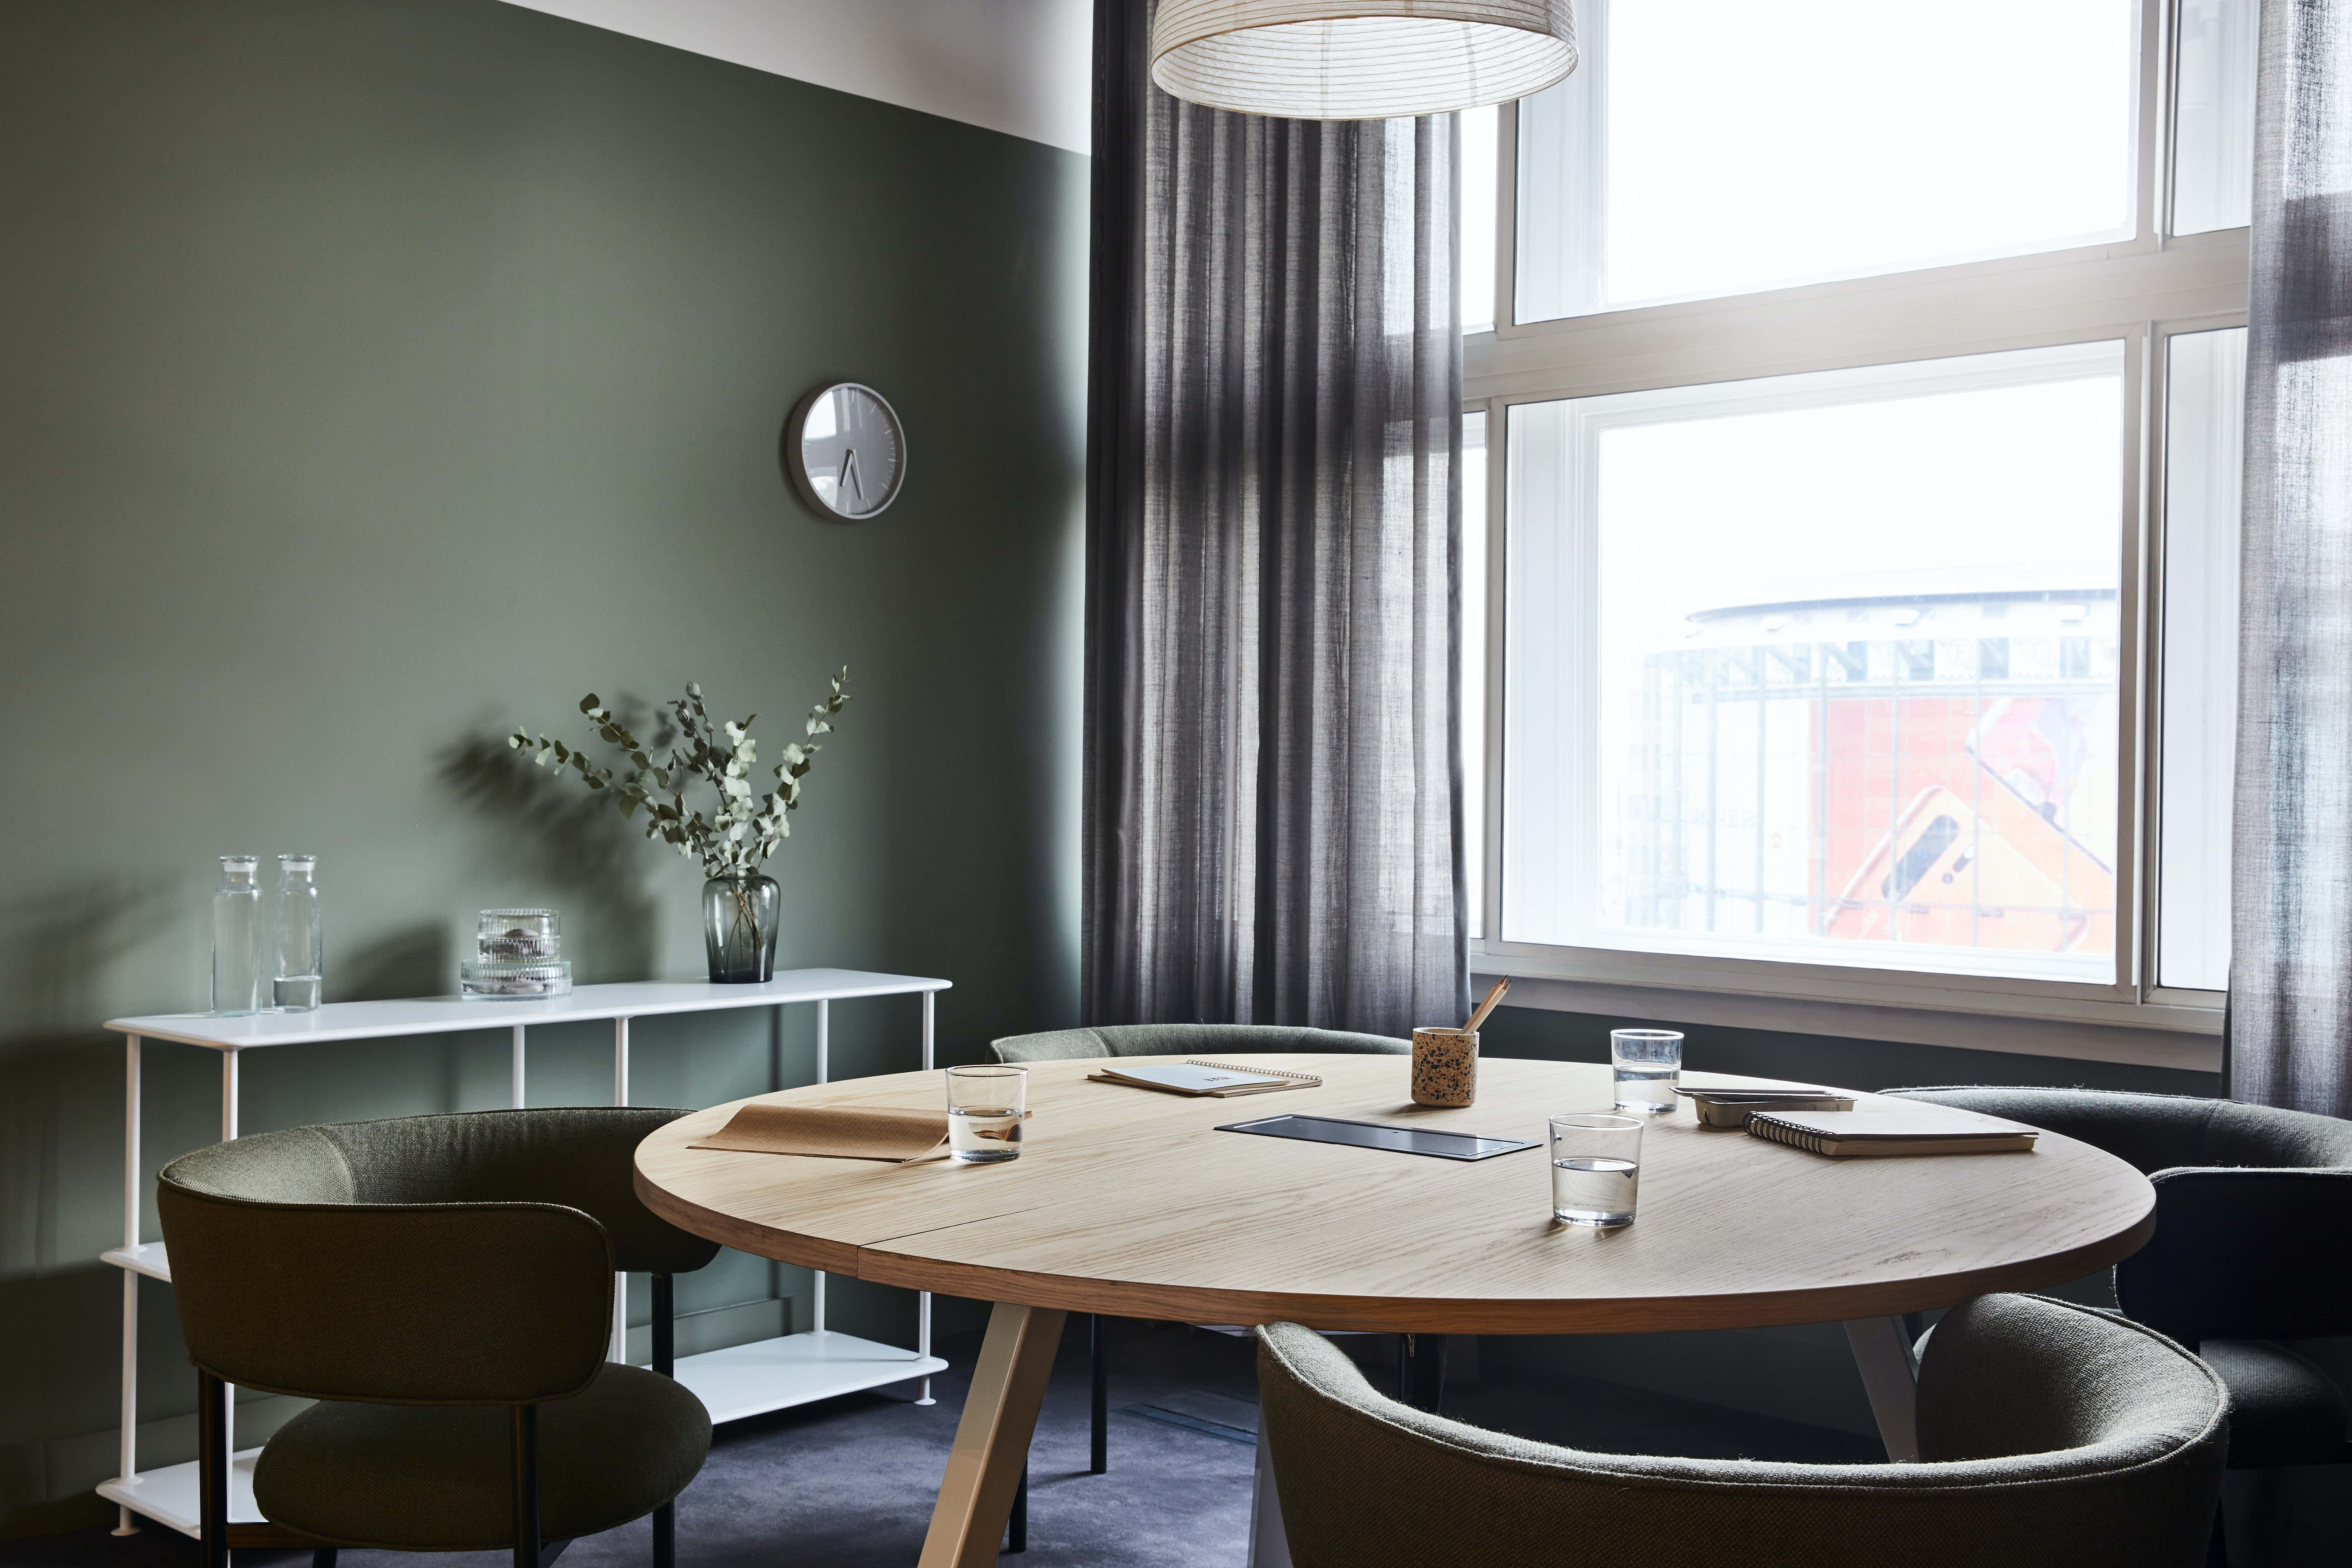 Meeting Room 2, Scott House, Waterloo Station